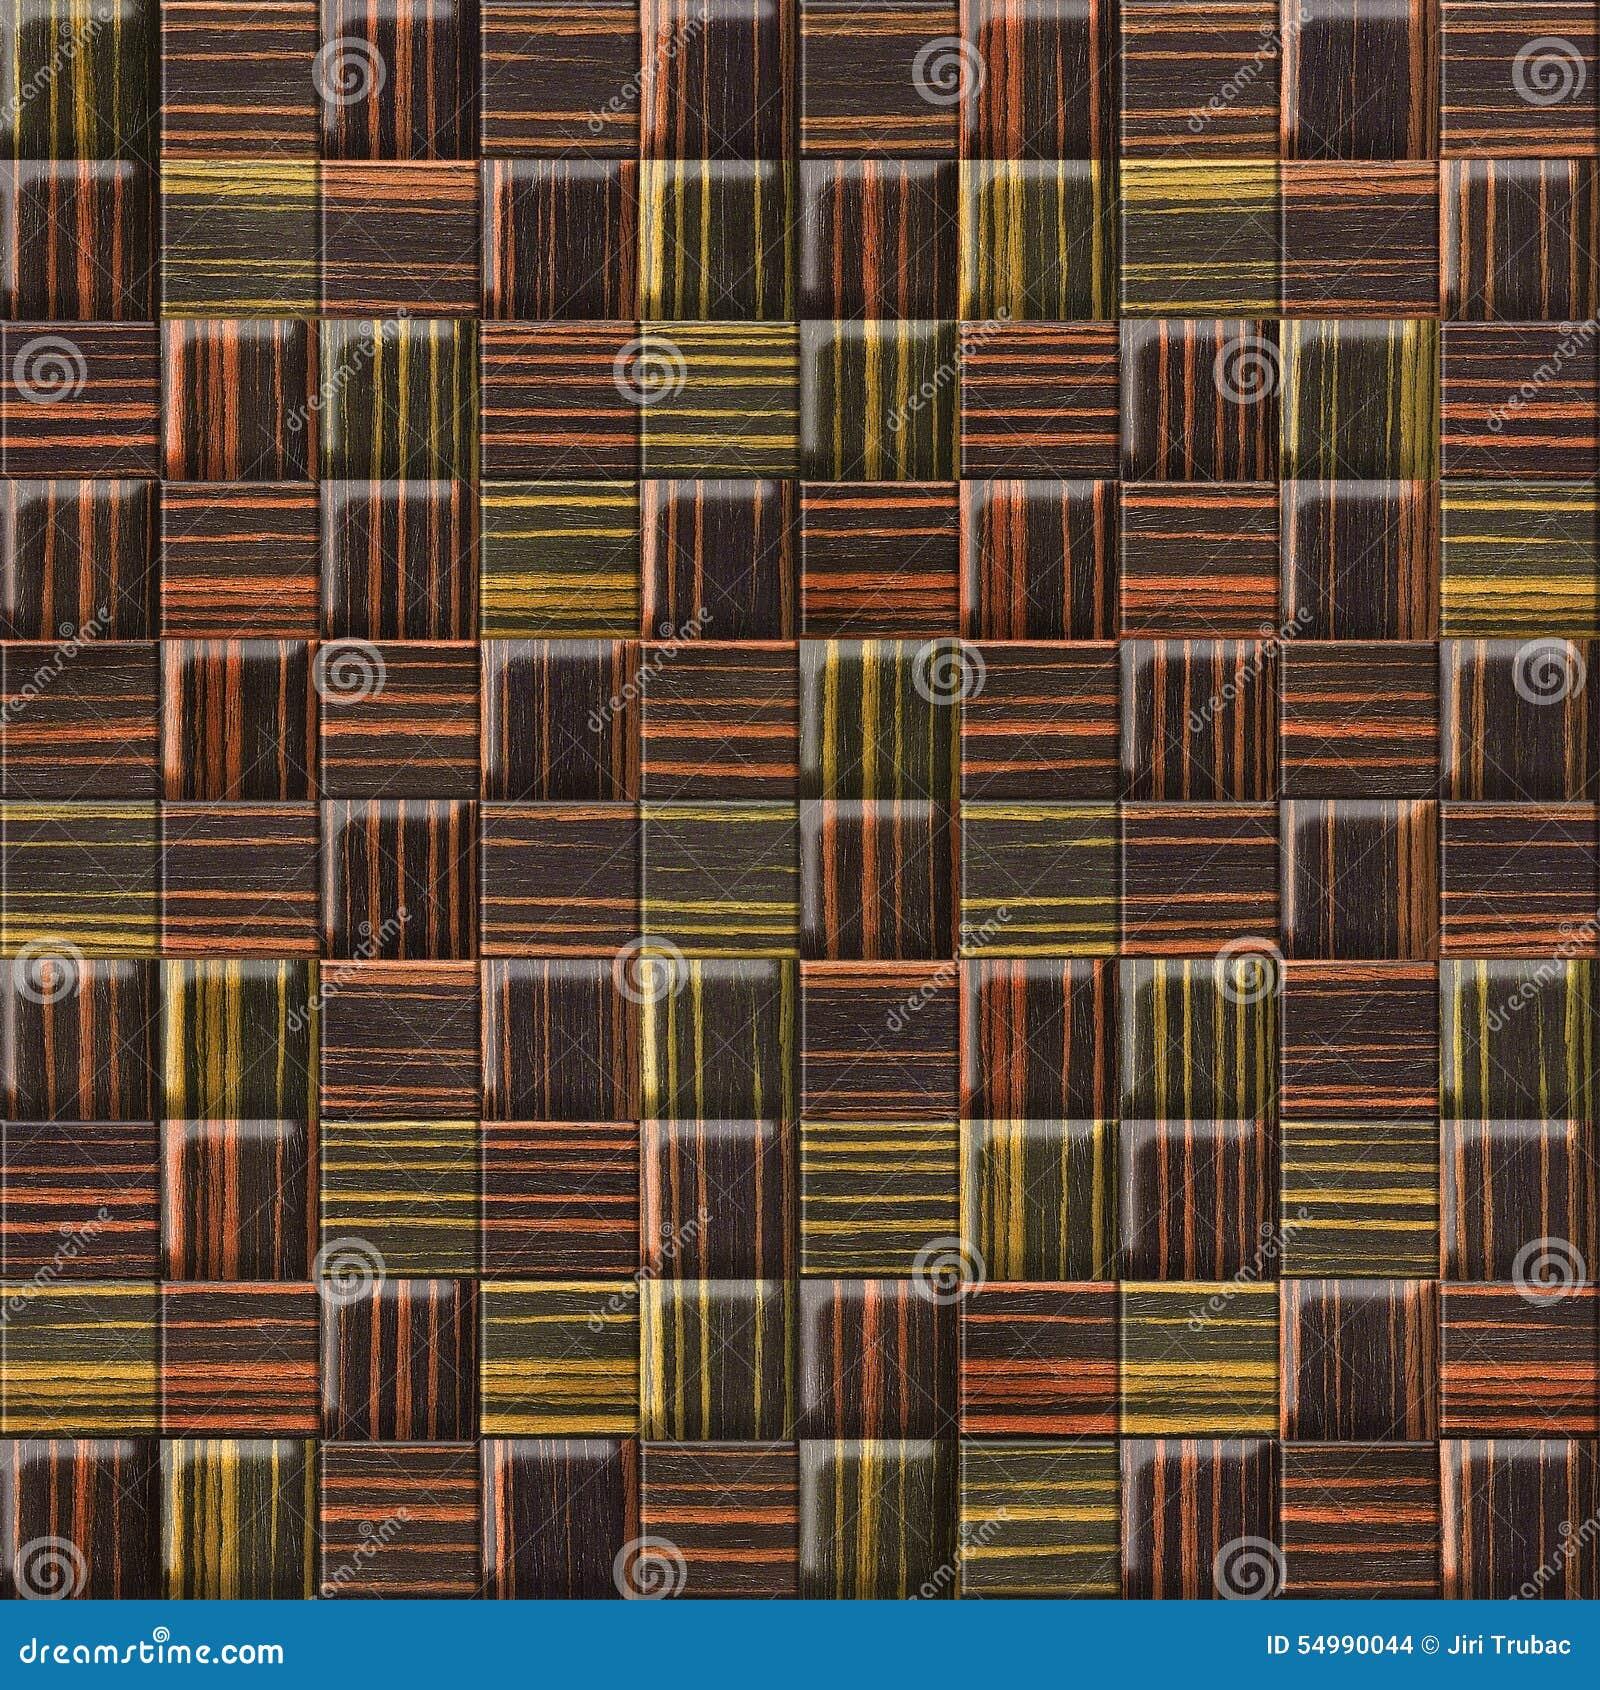 Abstrakt panelmodell - sömlös bakgrund - ebenholtssvart trä